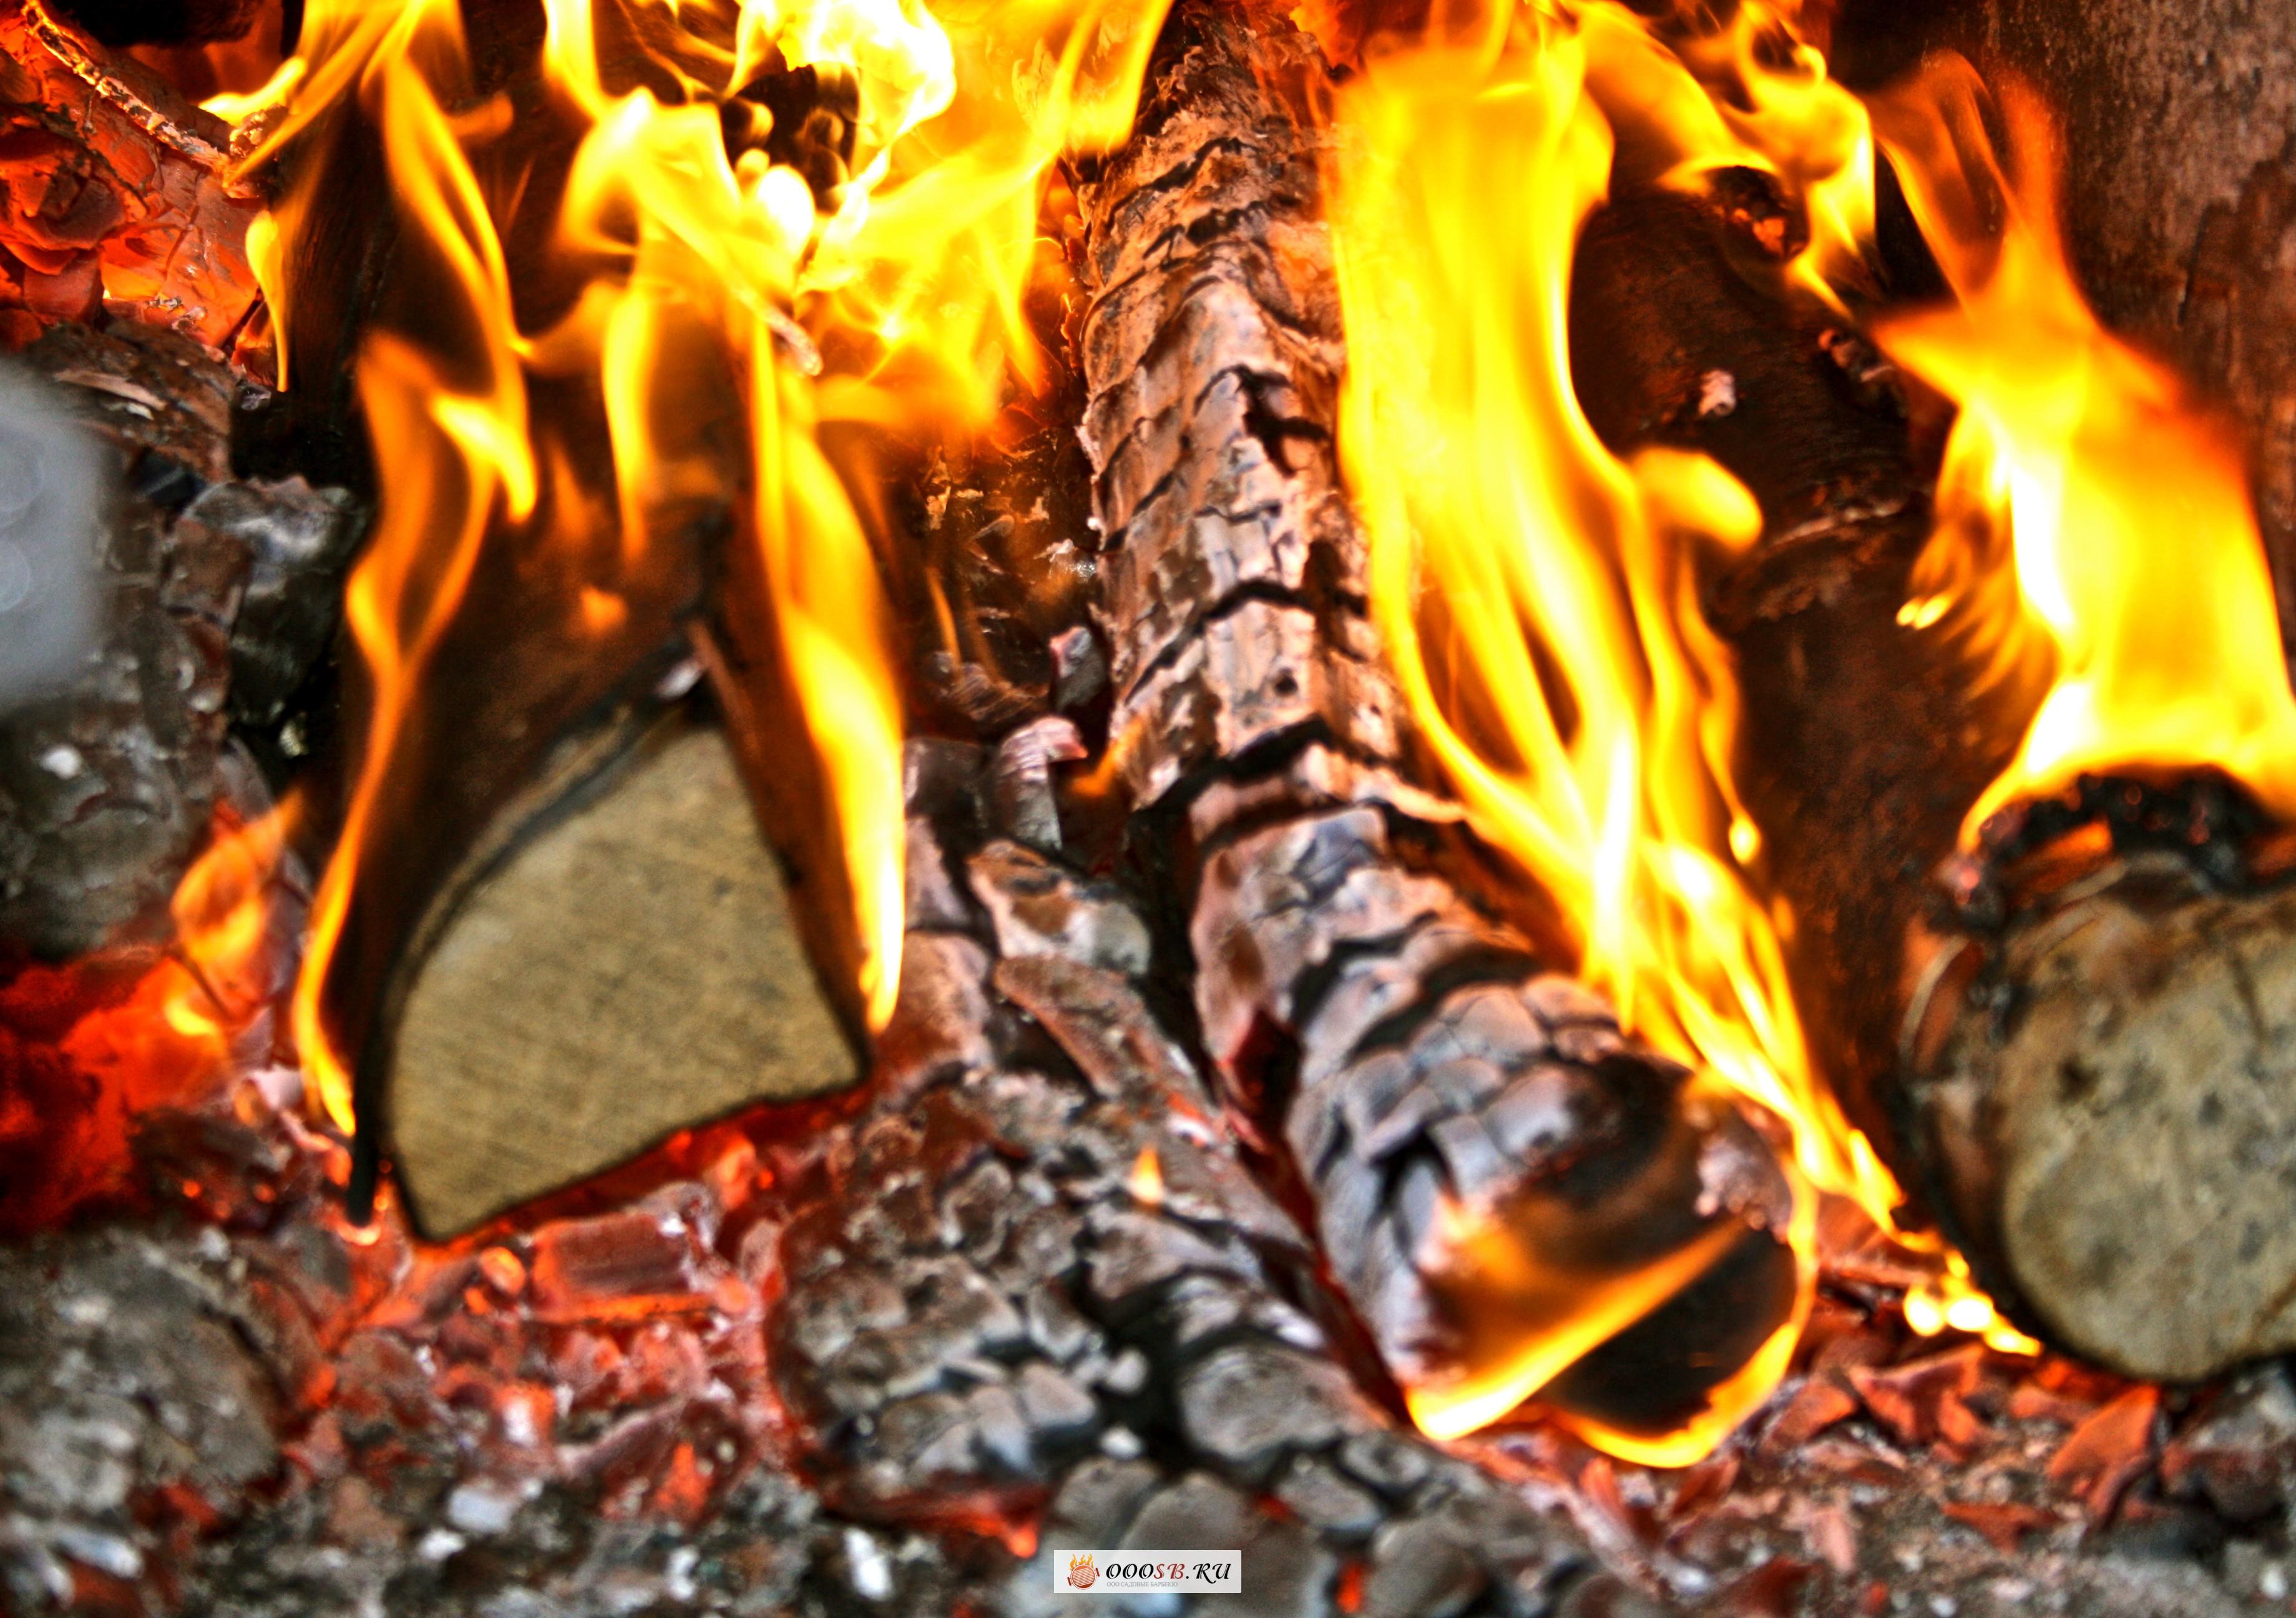 Барбекю на дровах: готовьте блюда с неповторимым вкусом в дровяной печи!